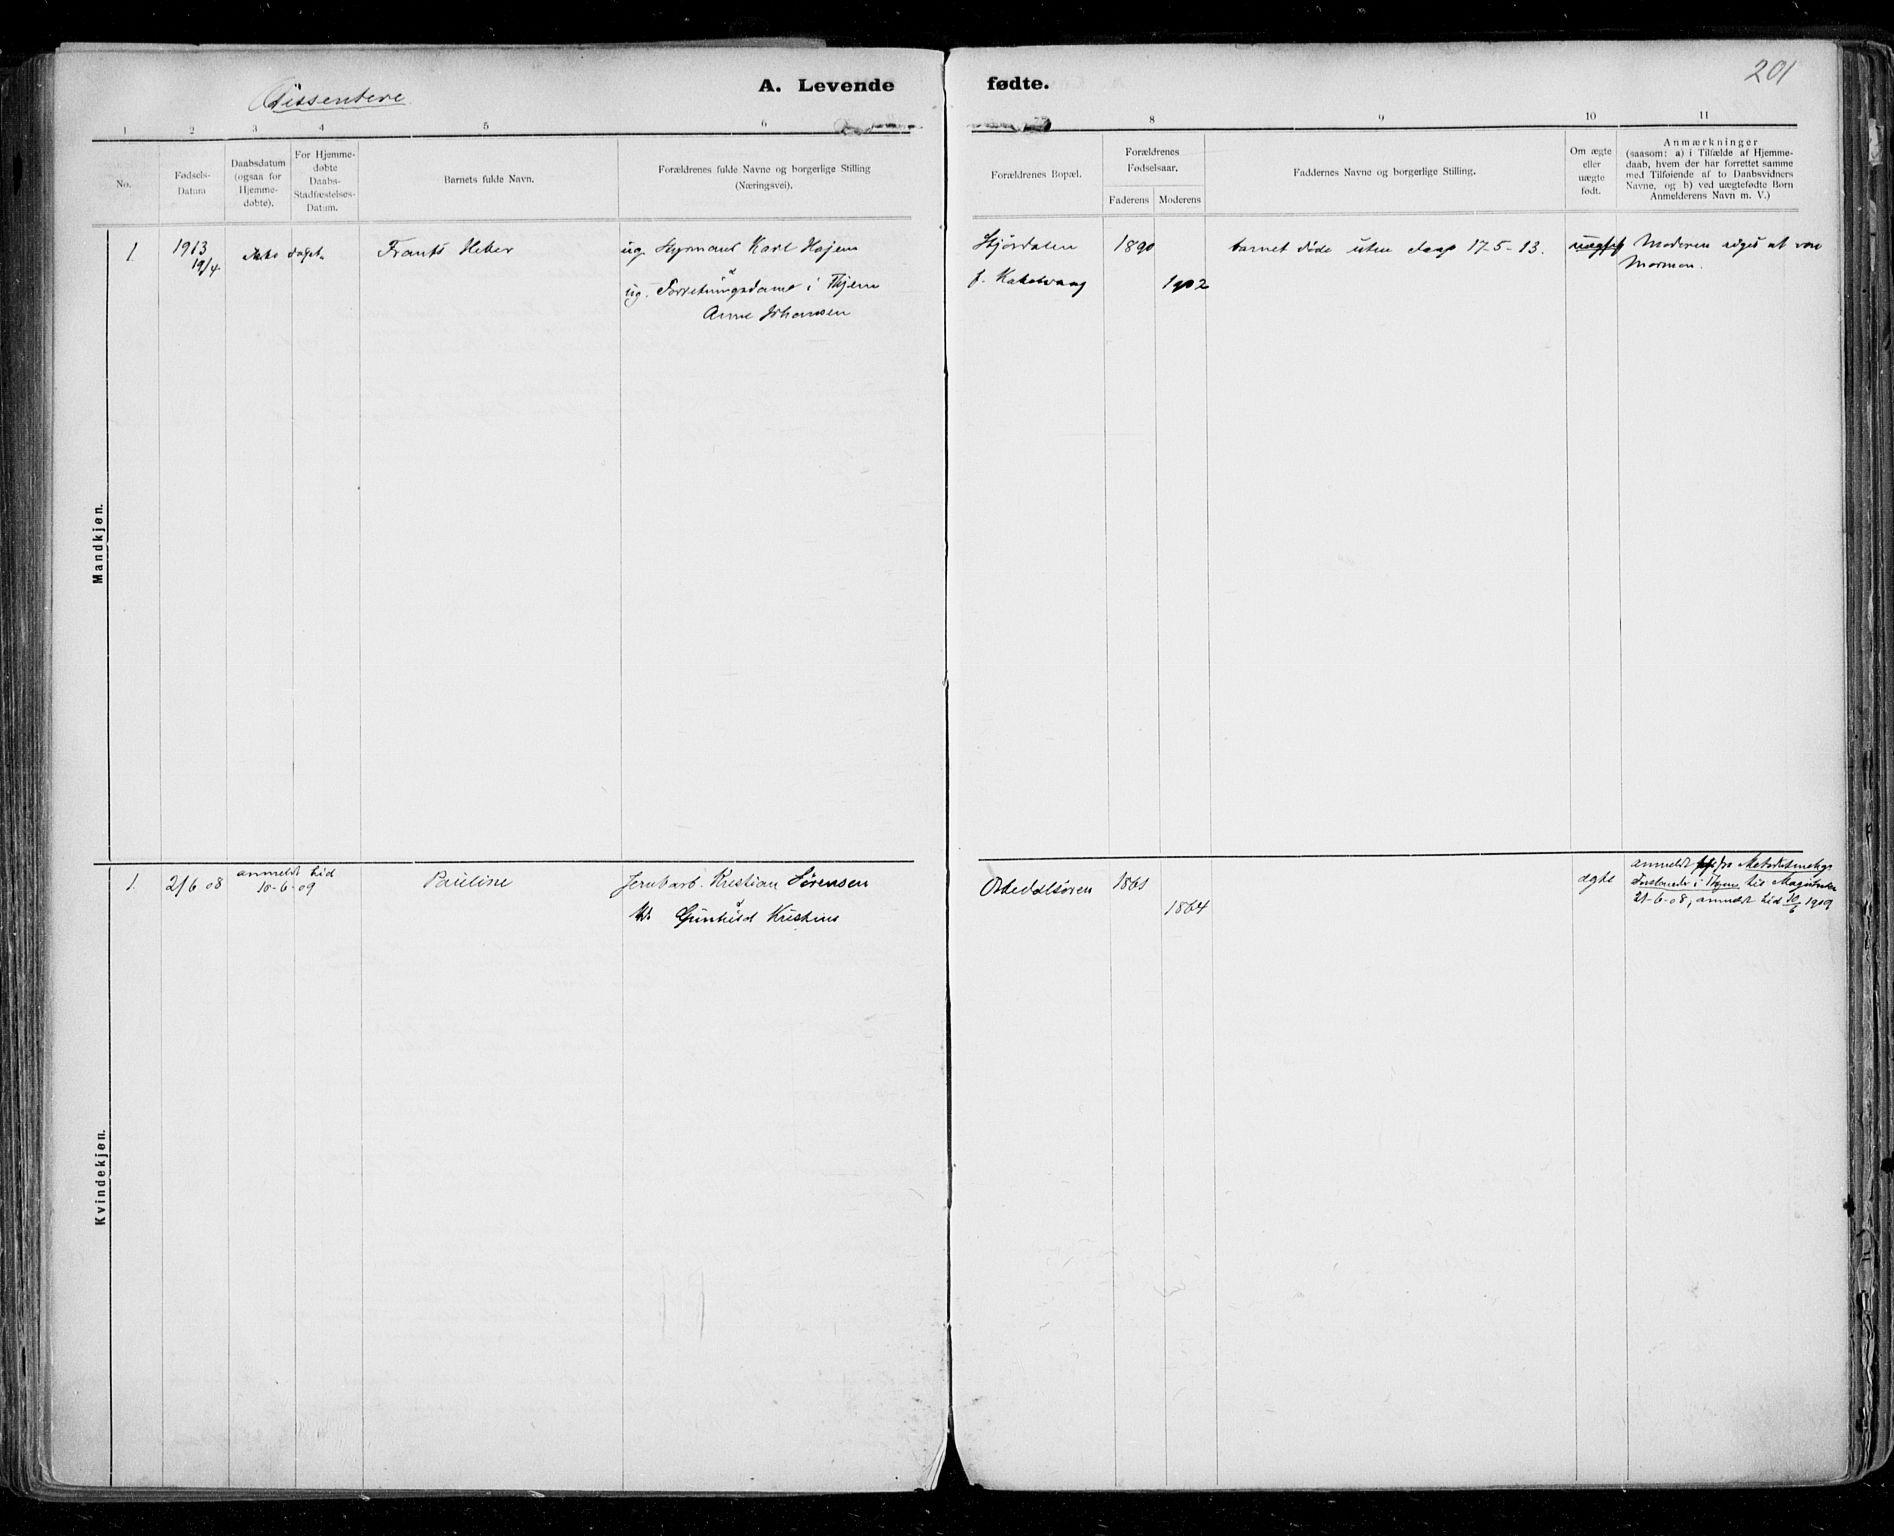 SAT, Ministerialprotokoller, klokkerbøker og fødselsregistre - Sør-Trøndelag, 668/L0811: Ministerialbok nr. 668A11, 1894-1913, s. 201